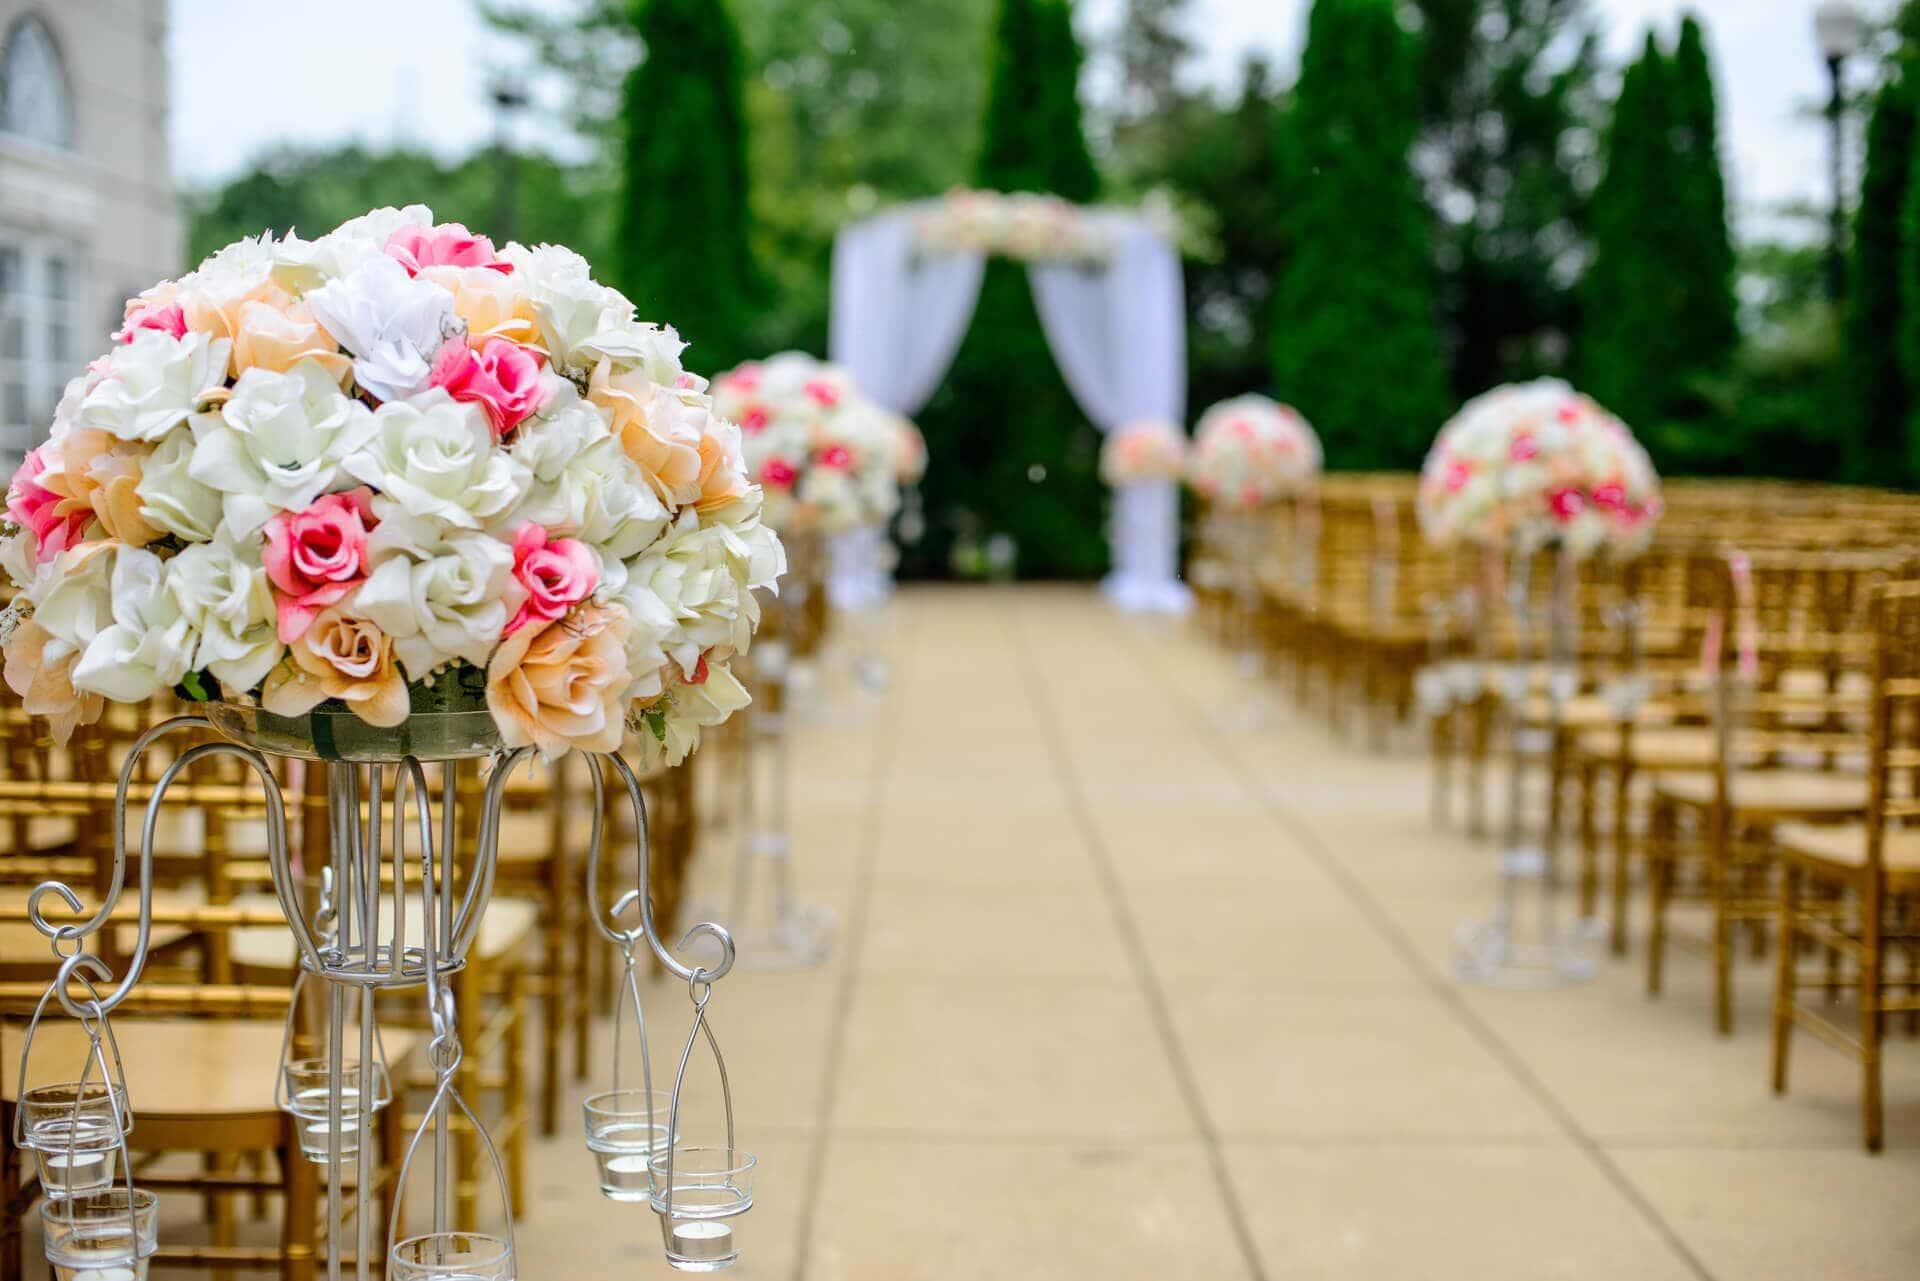 מעצבת חתונות פלאנרז הפקות אירועים